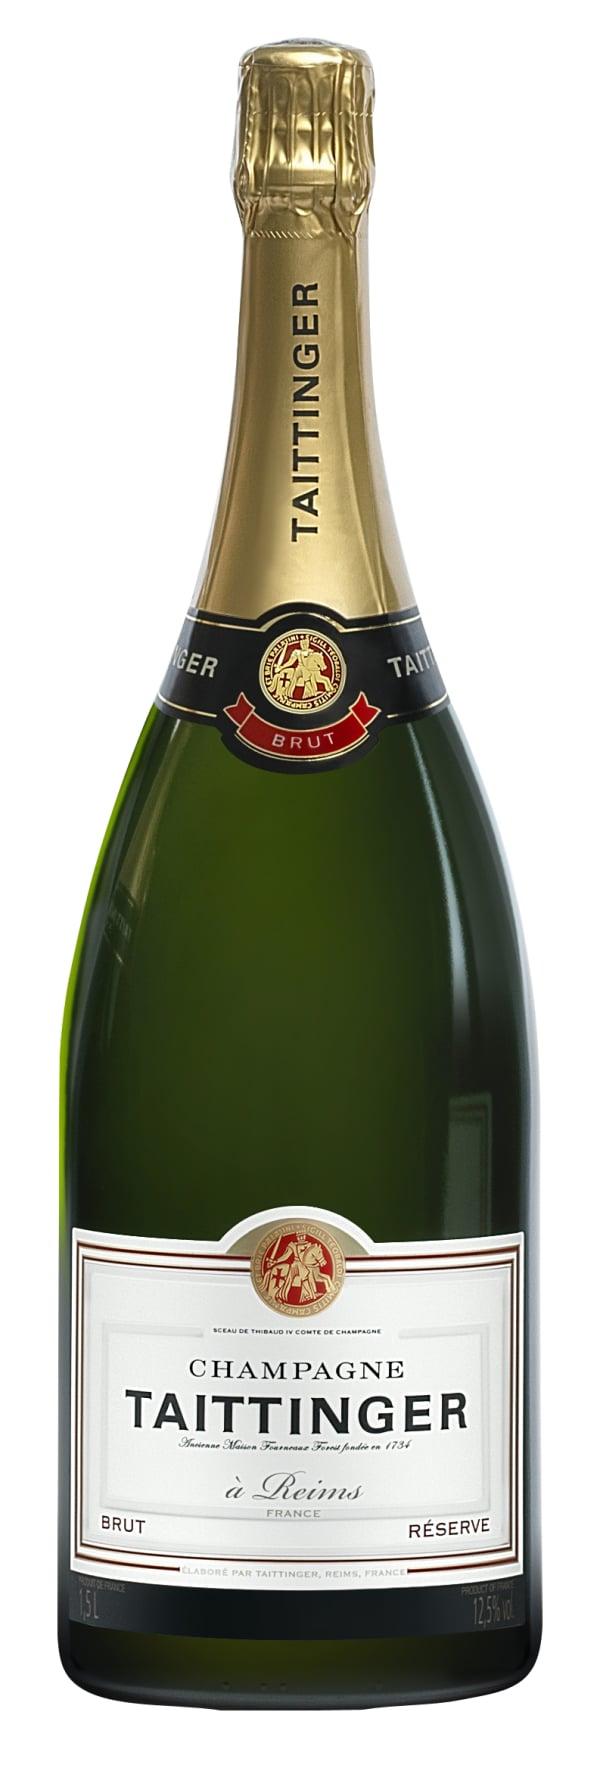 Шампанское Taittinger Brut Reserve Magnum 15L (Тэтэнже Брют Резерв Магнум 15Л) 15 л | Wine.ua